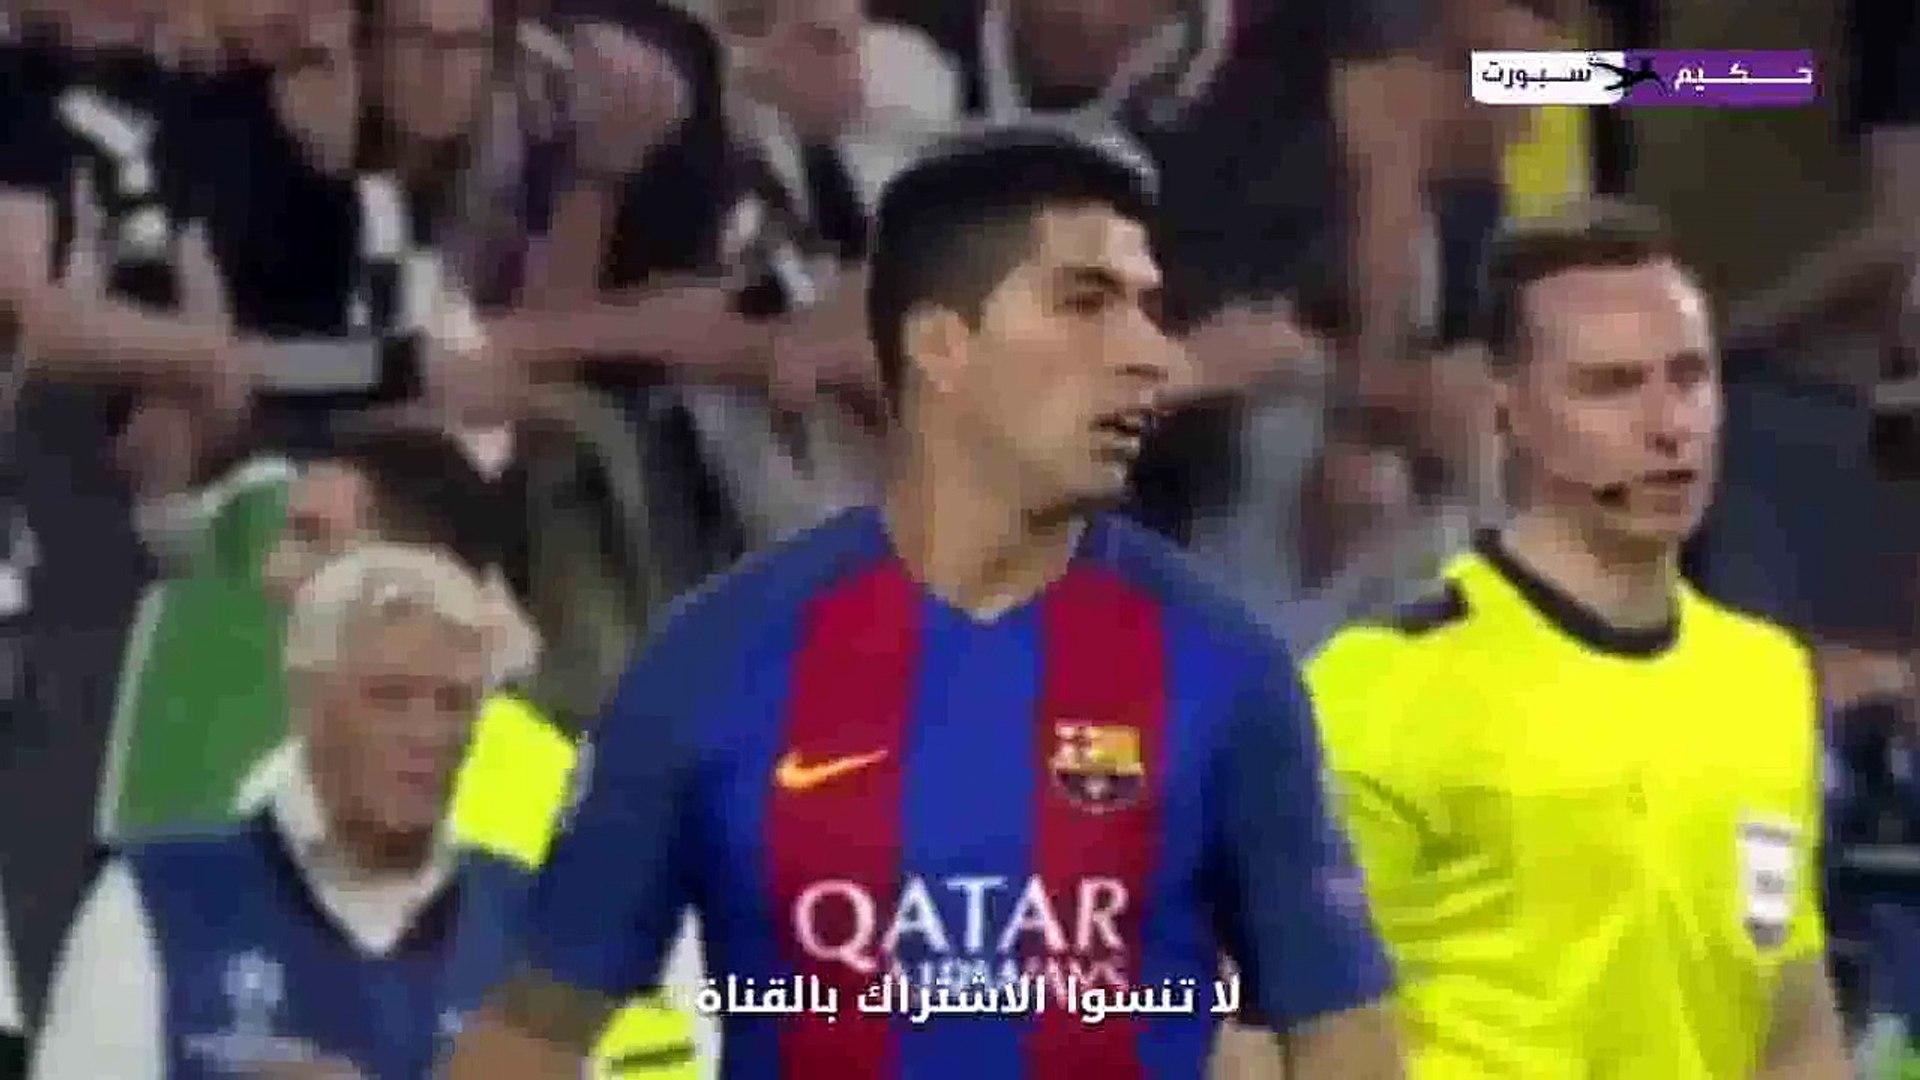 بث مباشر يلا شوت مشاهدة مباراة برشلونة ويوفنتوس مباشر